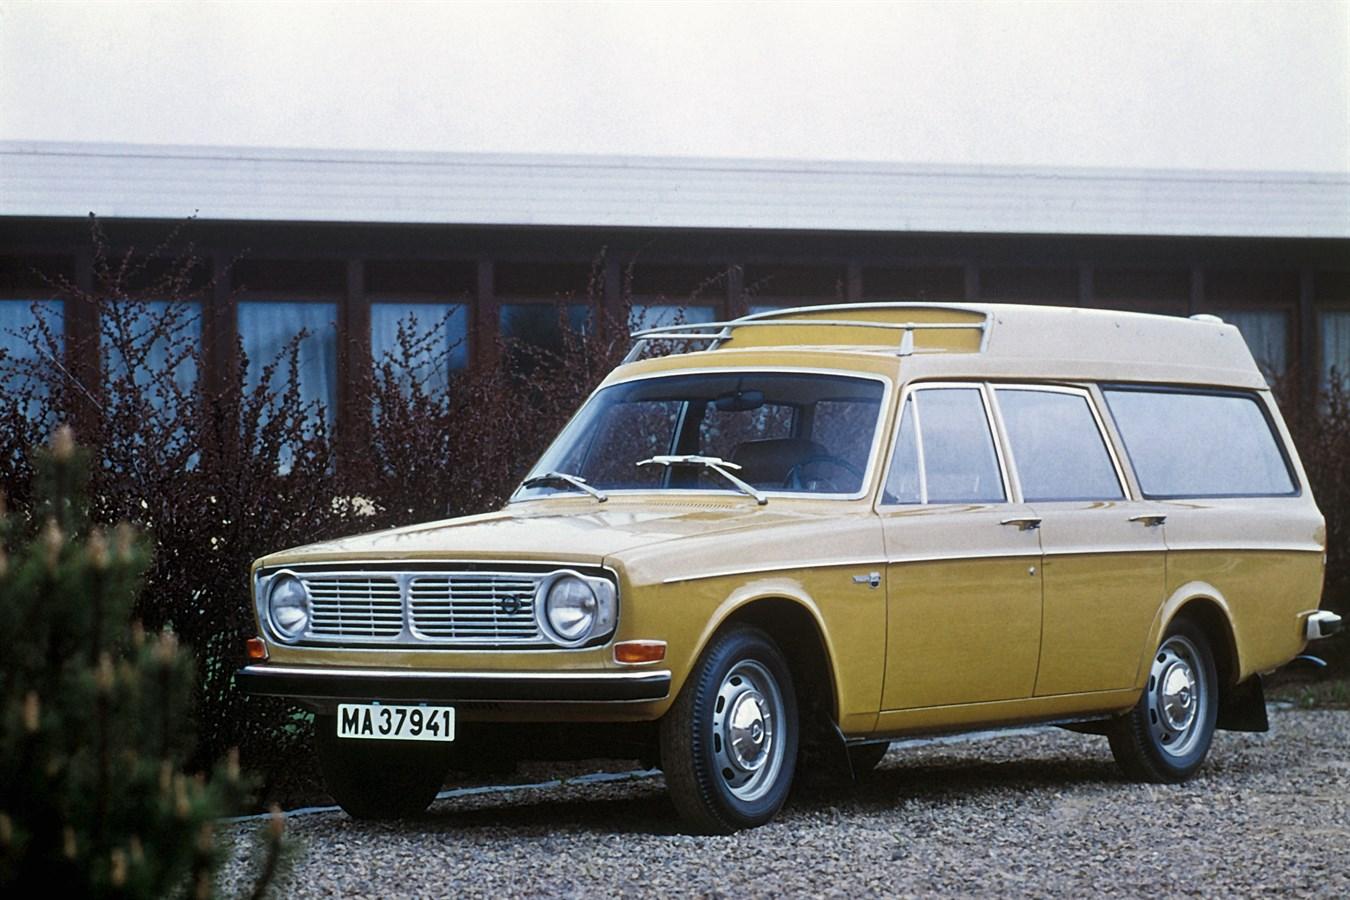 Volvo 145 Express - Volvo Car UK Media Newsroom